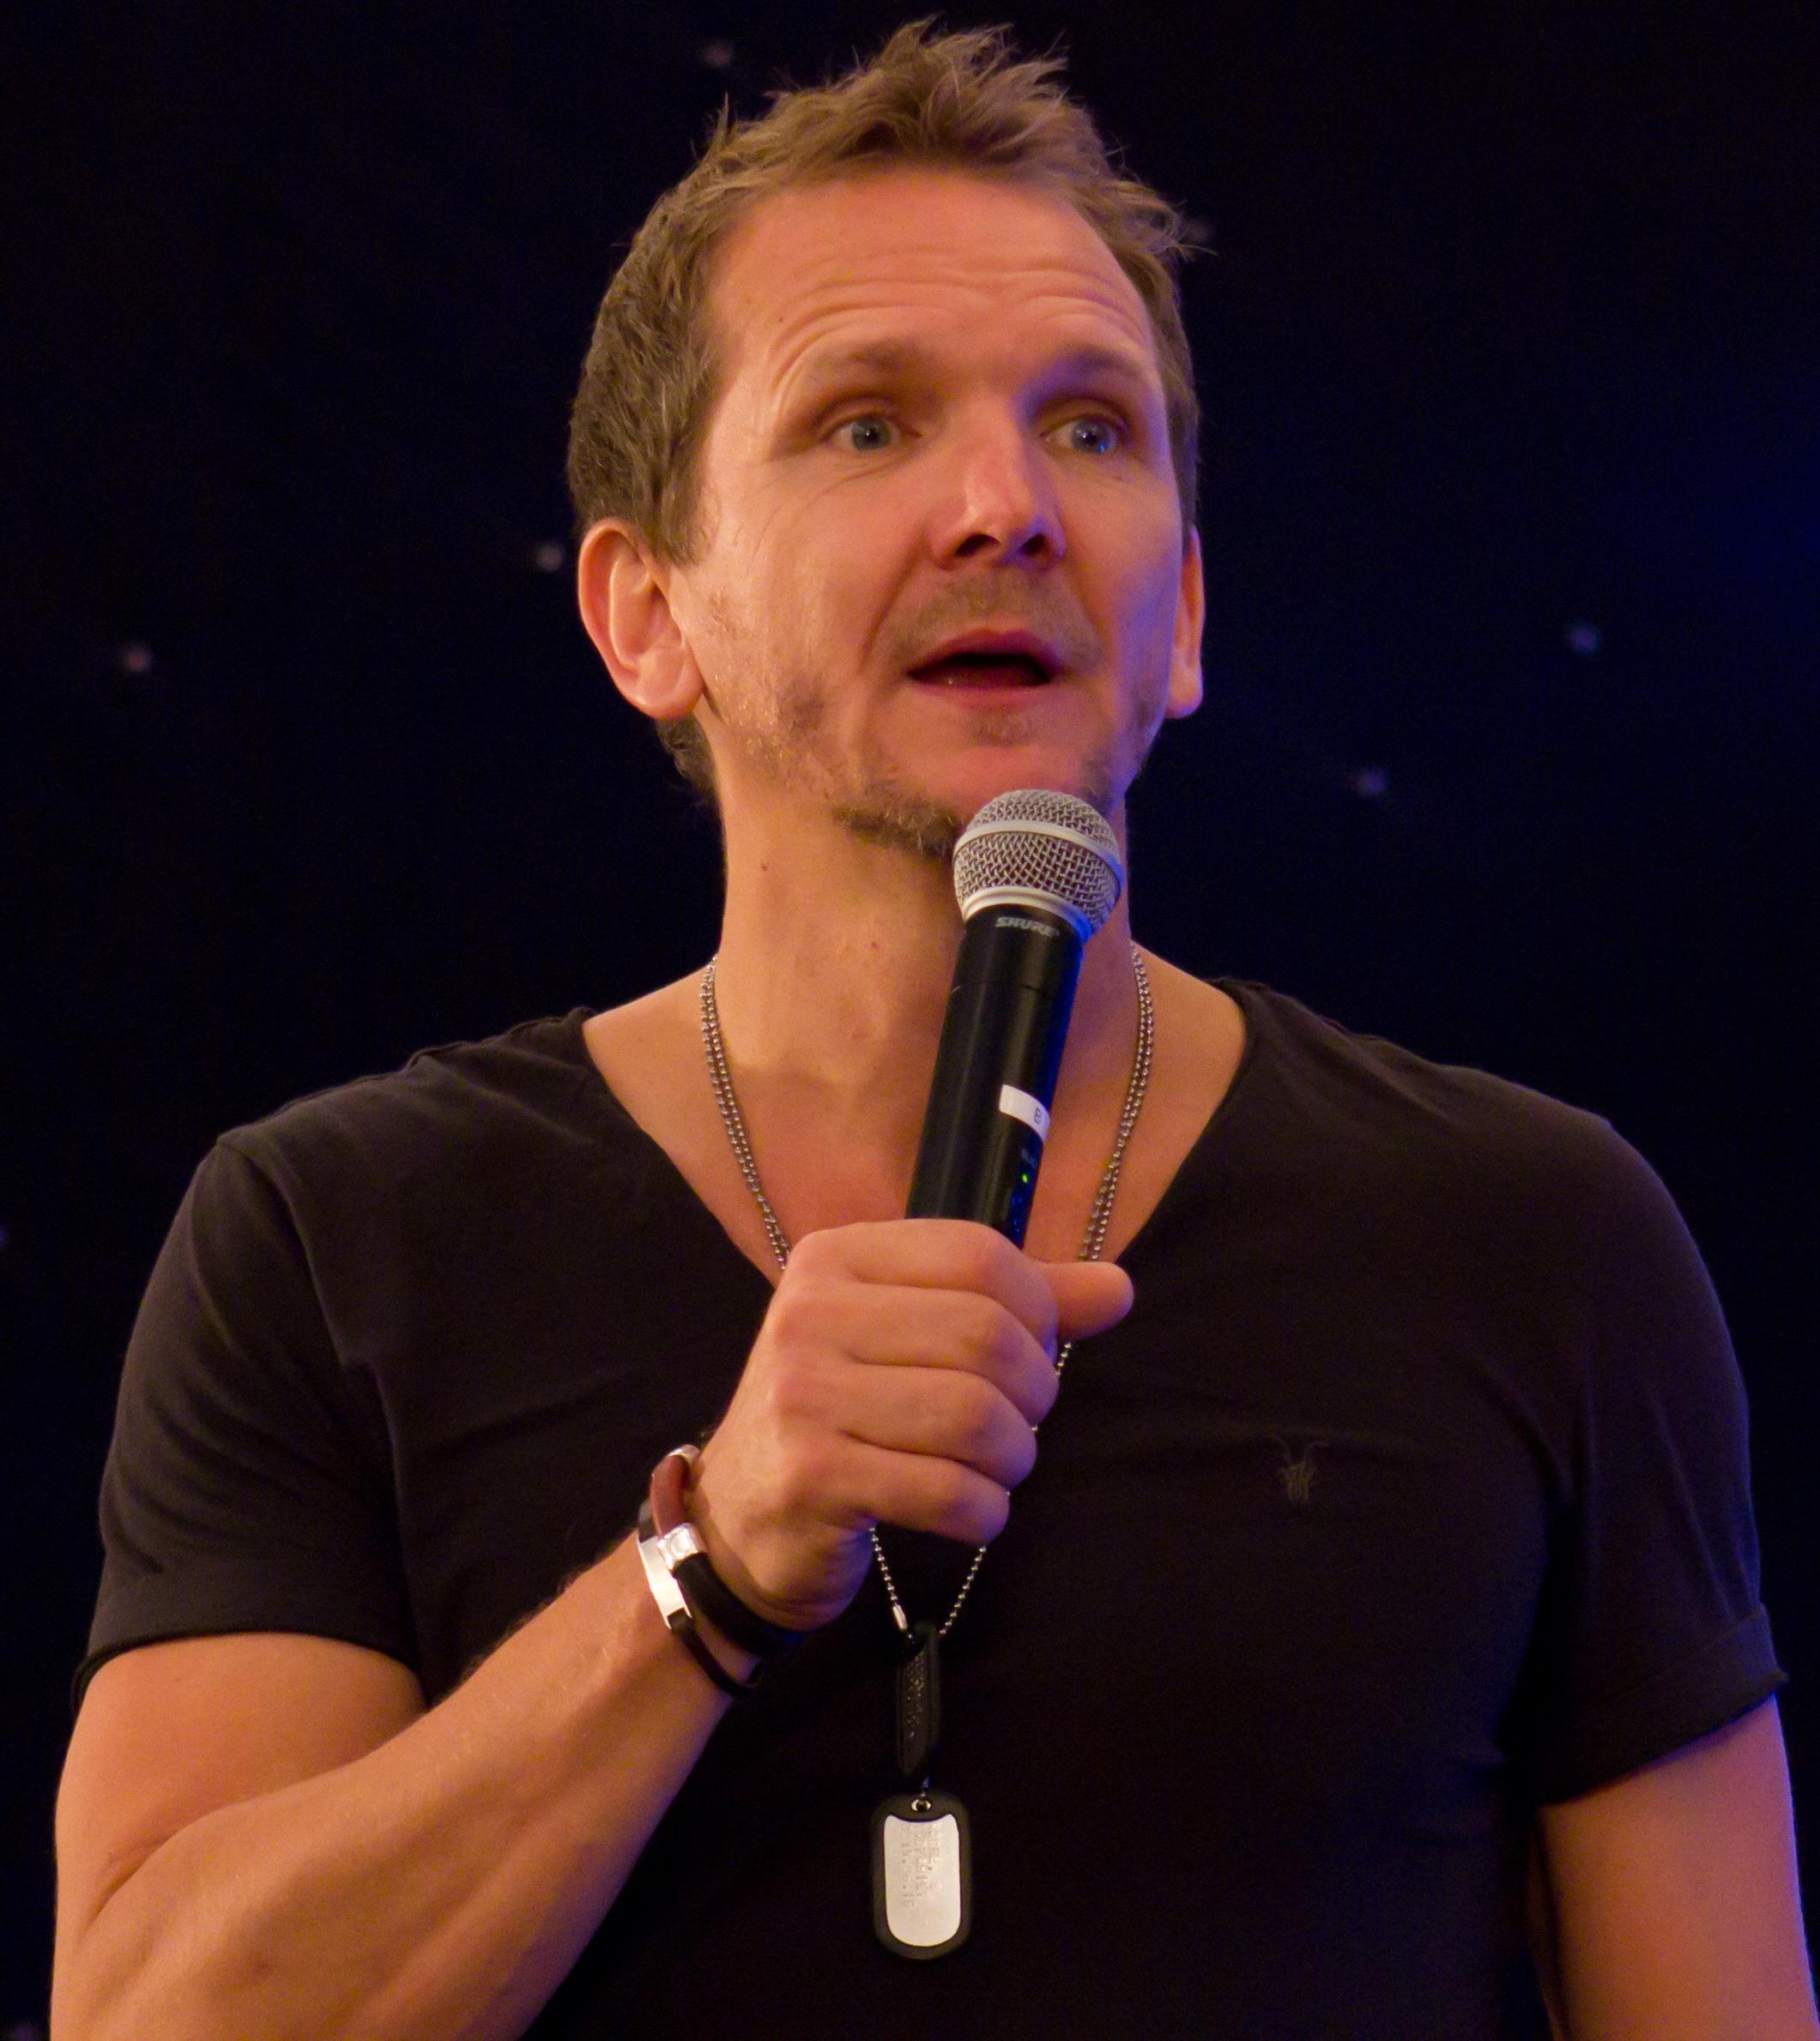 Il 54-anni, 180 cm alto Sebastian Roché in 2018 photo